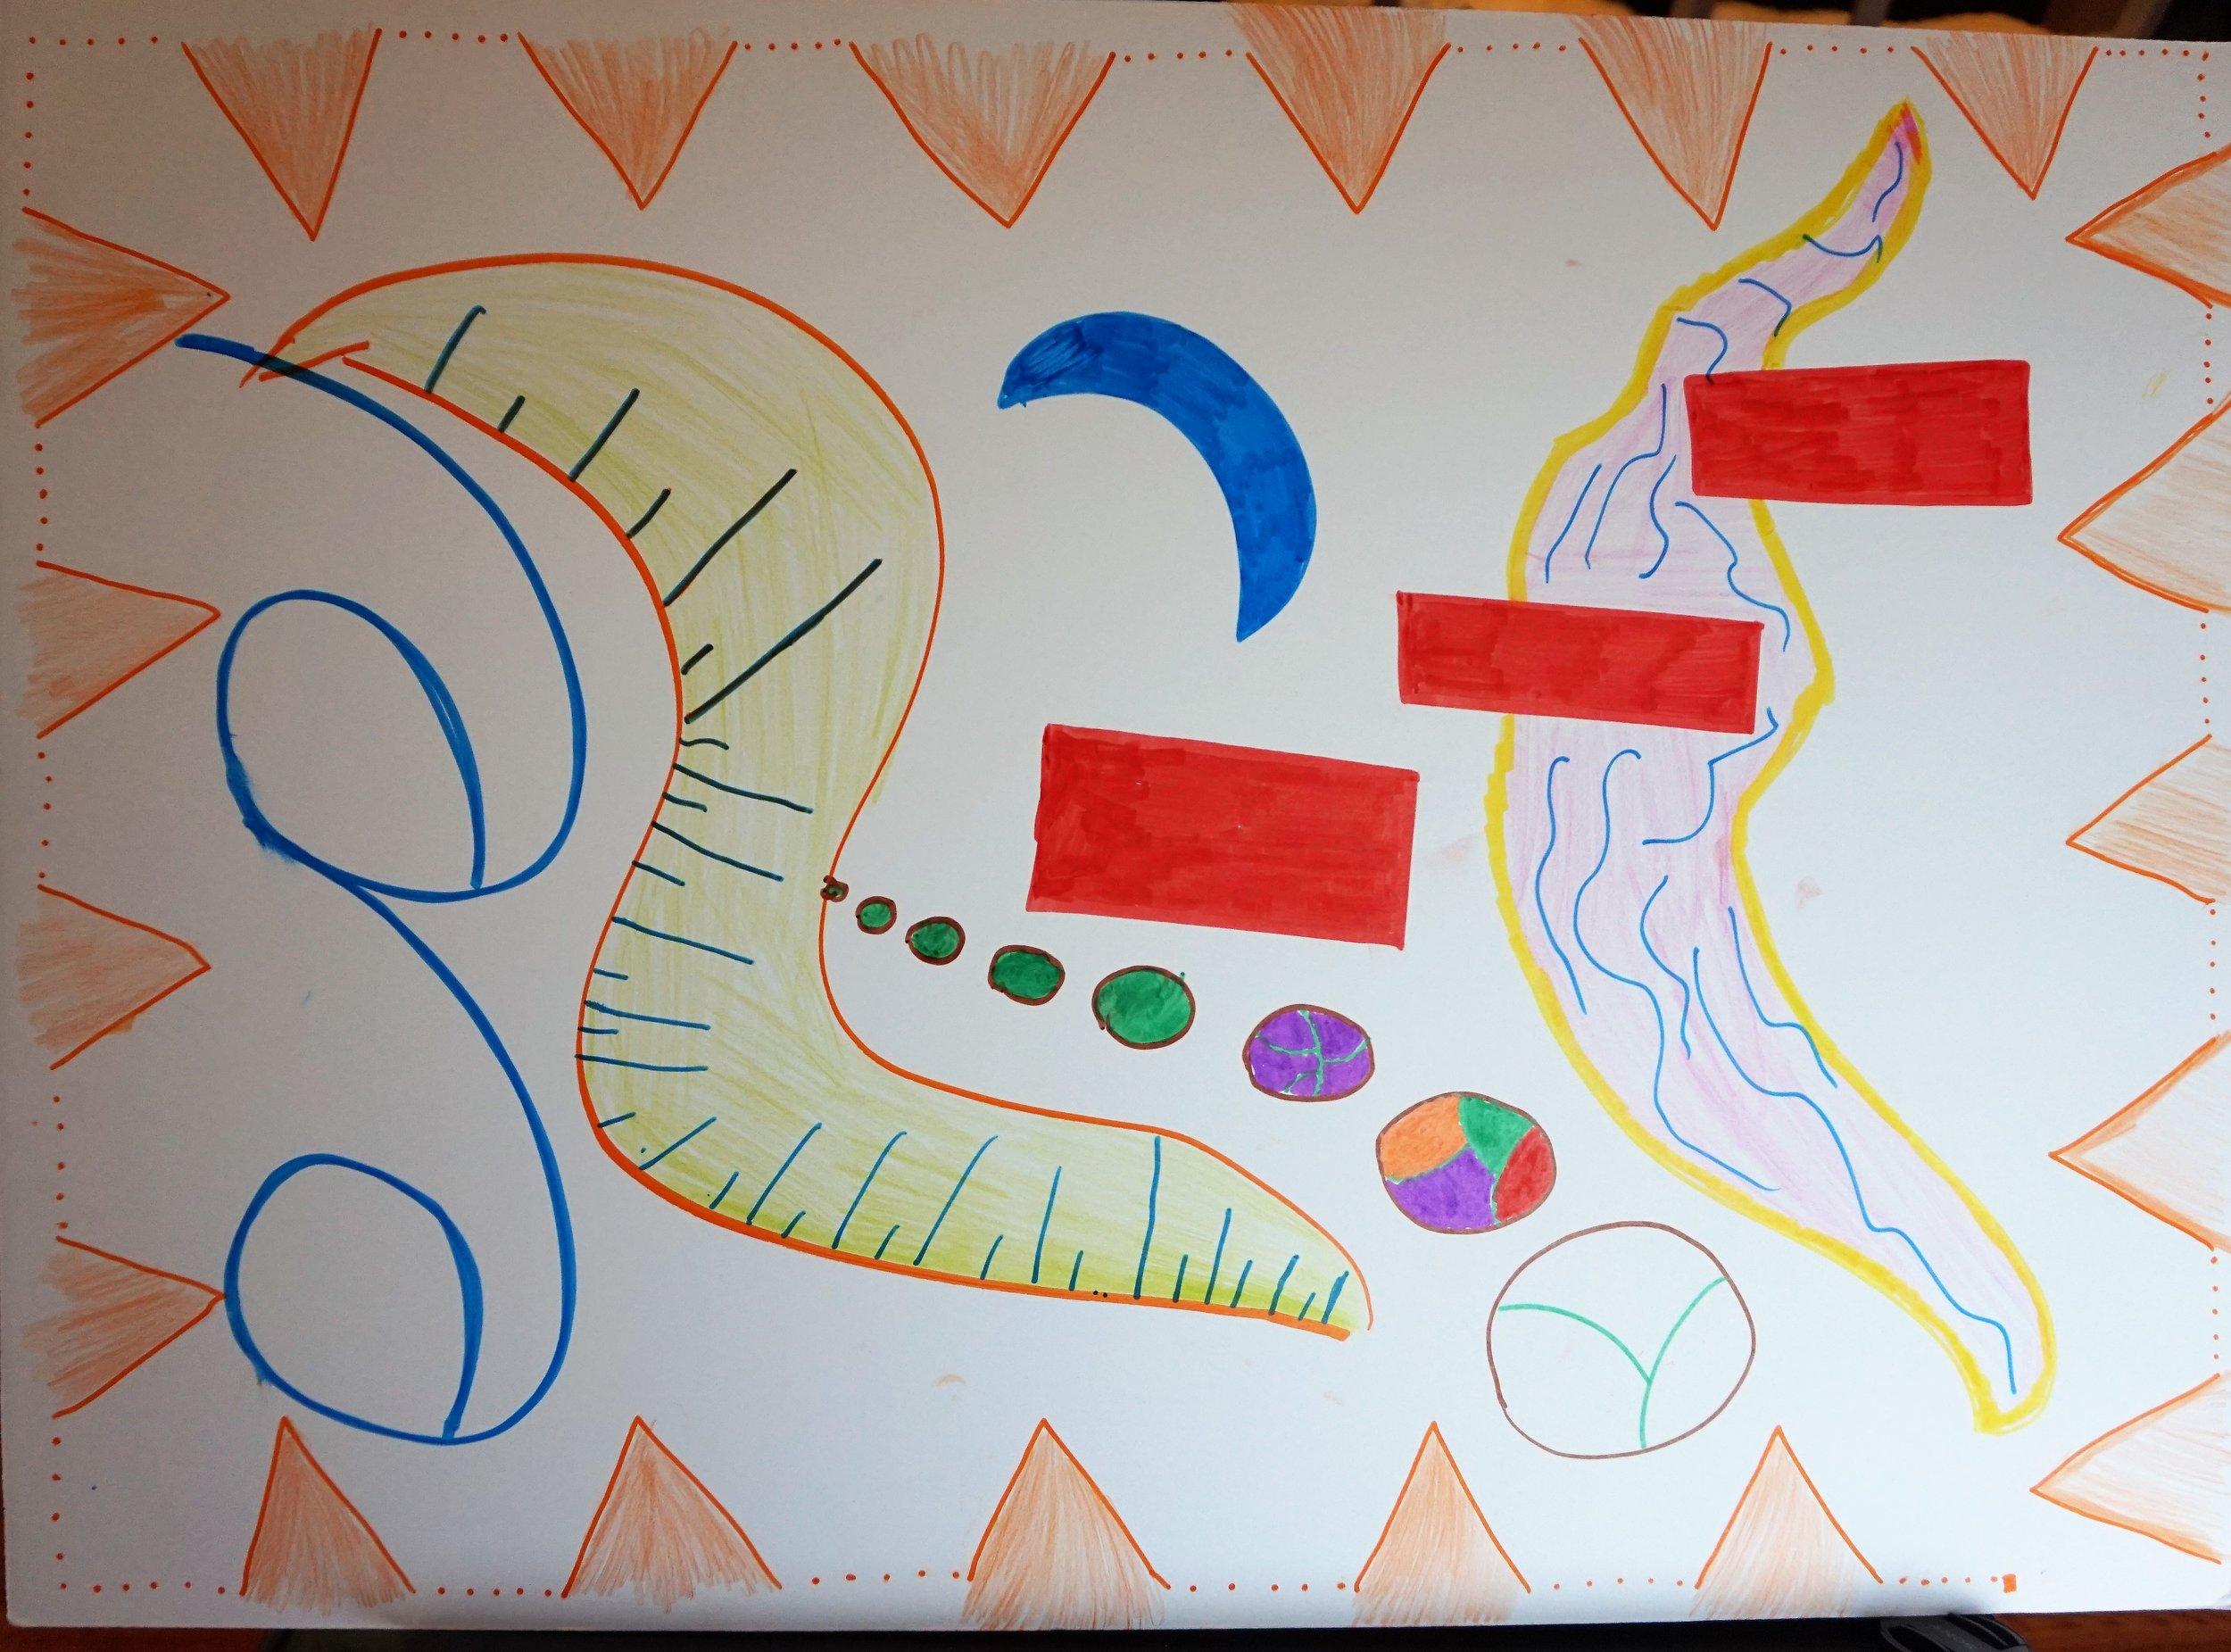 La-Case-Azul-Graphic-Score.jpg